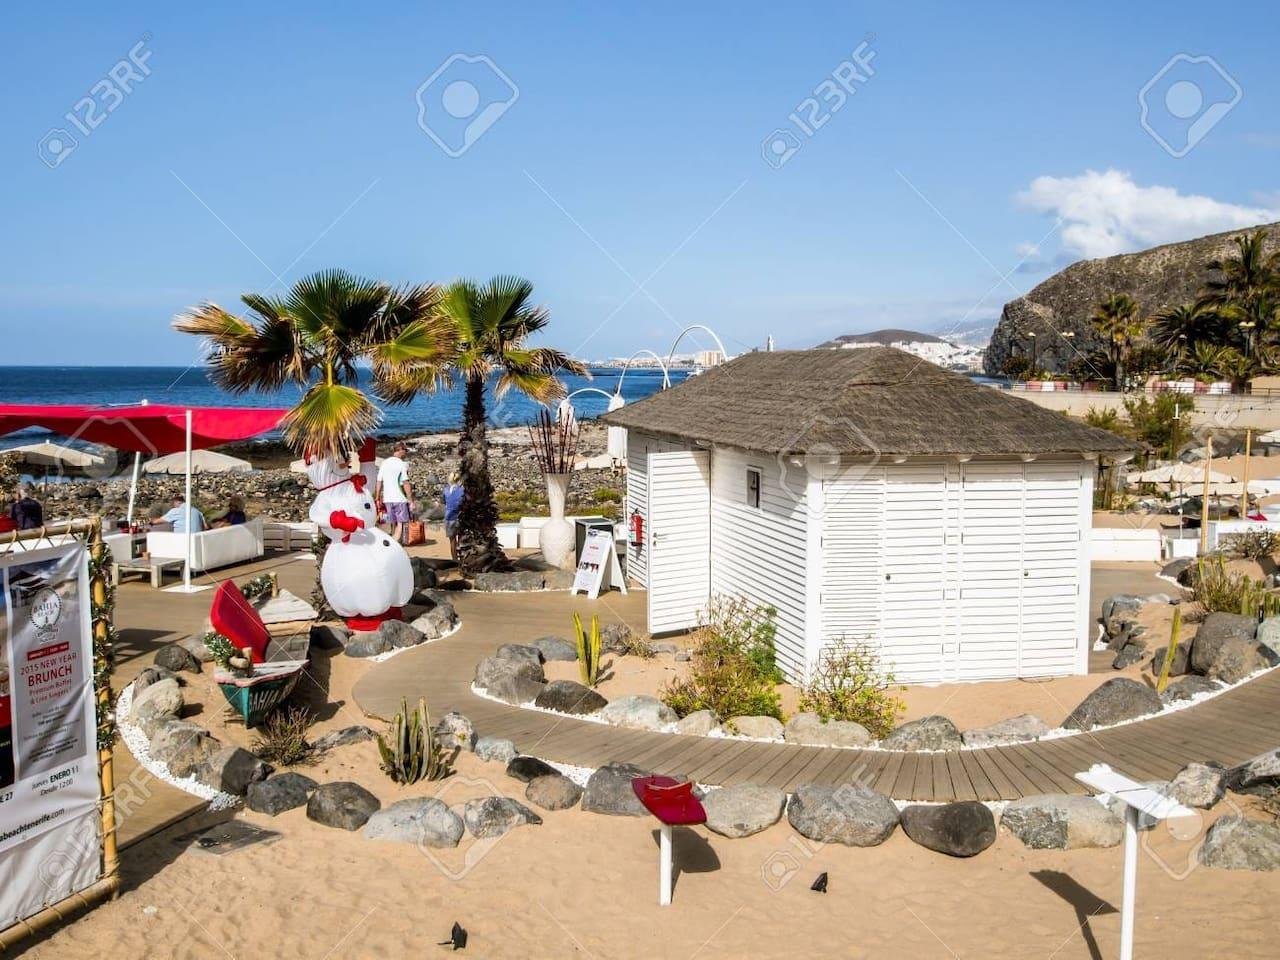 Preciosa playa palm mar los cristianos